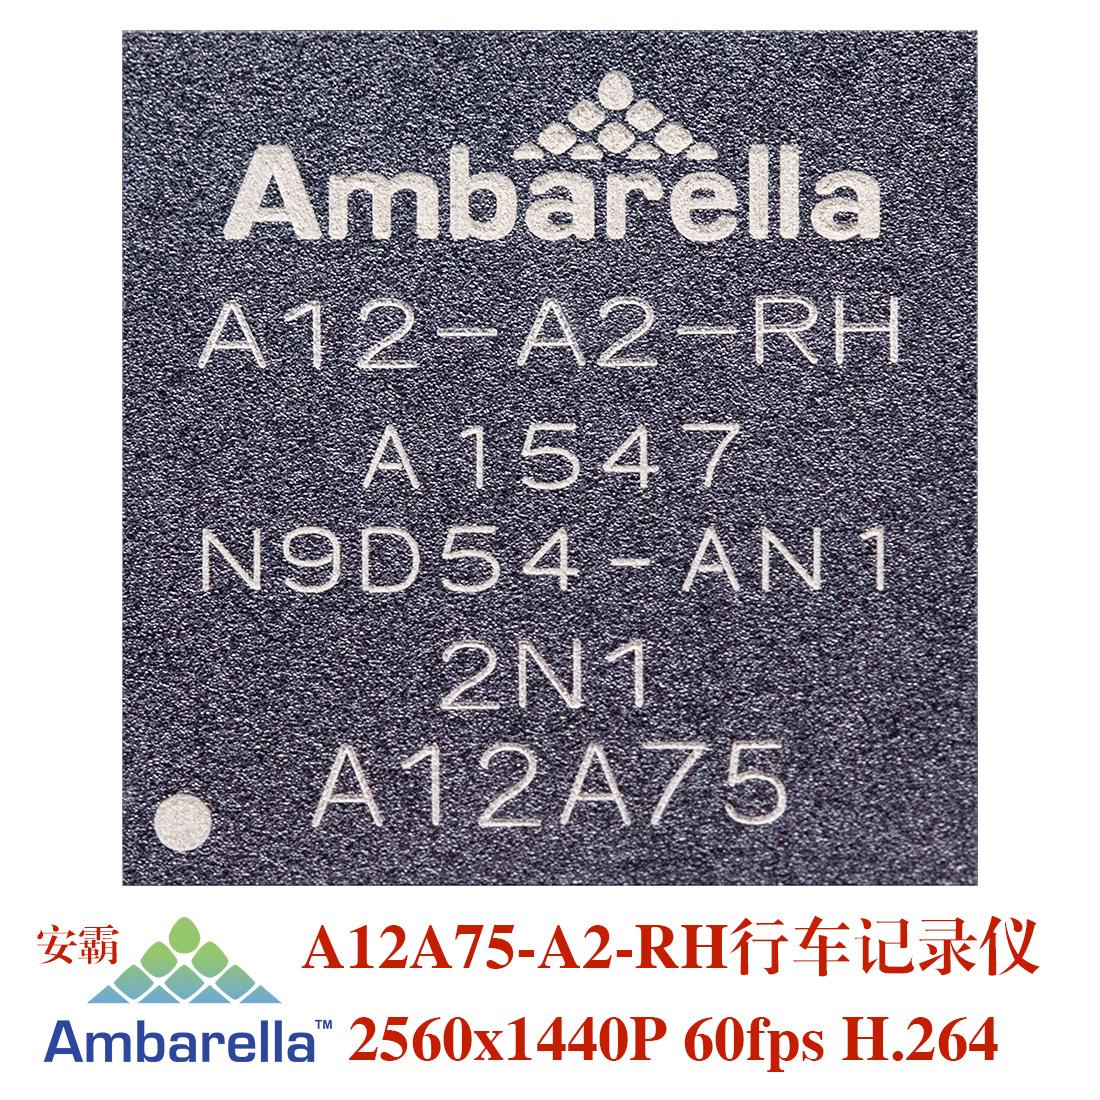 安霸Ambarella A12A75报价,参数,功能,性价比,供应商,代理商,分销商,厂家,,安霸官网,分销商,现货,规格书,高清图片,方案商,安霸代理商,官网,深圳办事处,中国代表处,Ambarella行车记录芯片,仪航拍芯片,运动相机主控,运动相机芯片,h.264编码器,2560x1440p@60fps处理器,H.264视频编码处理器,视频SoC,可穿戴视频IC,安霸无人机相机IC,安霸汽车记录仪,低功耗SoC,视频解压缩芯片,高清视频处理器,2k视频处理器